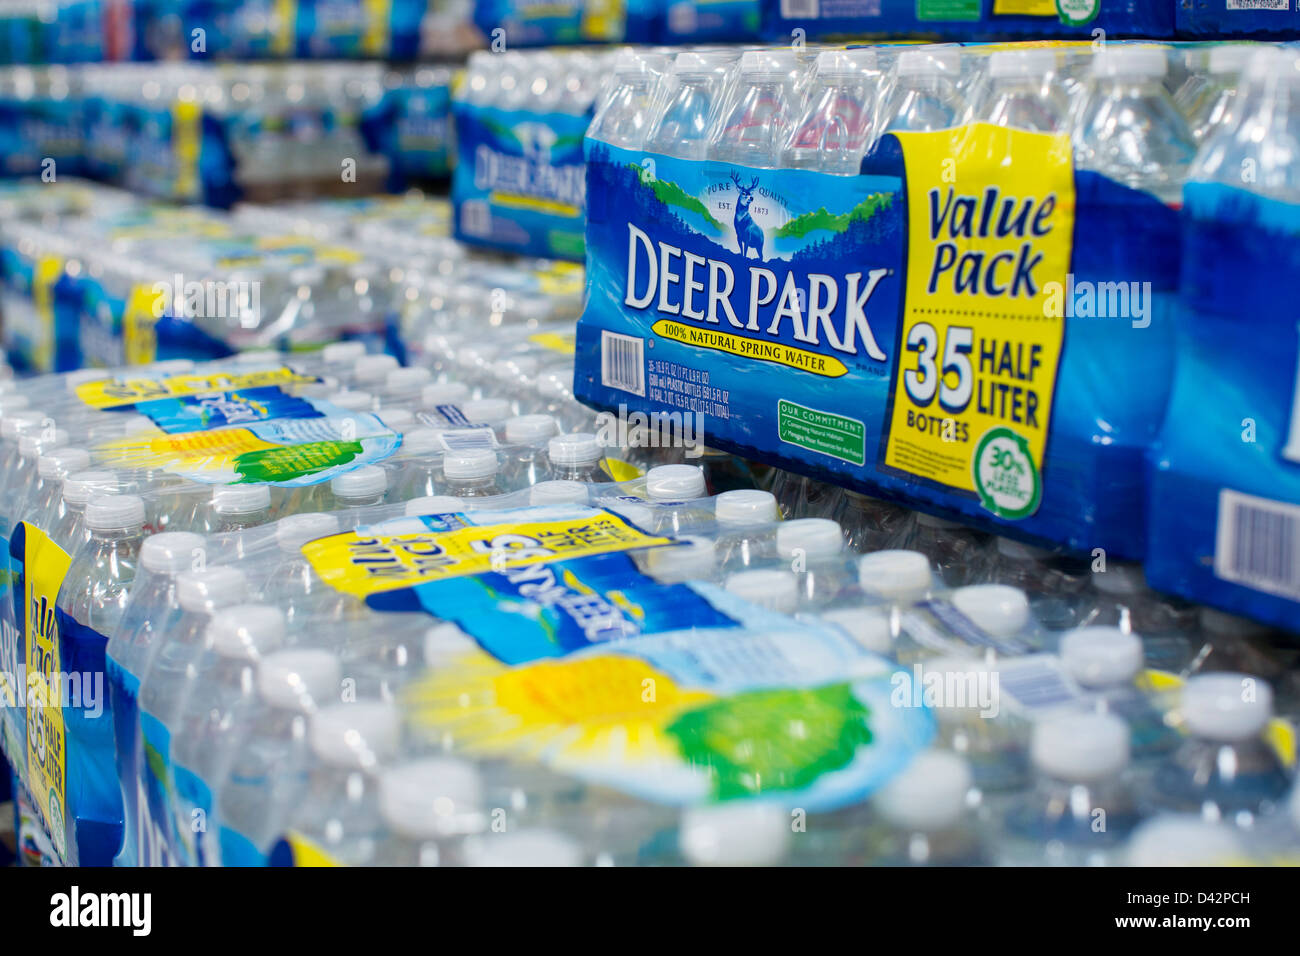 Il Deer Park acqua imbottigliata sul visualizzatore in corrispondenza di un Costco Wholesale Club magazzino. Immagini Stock